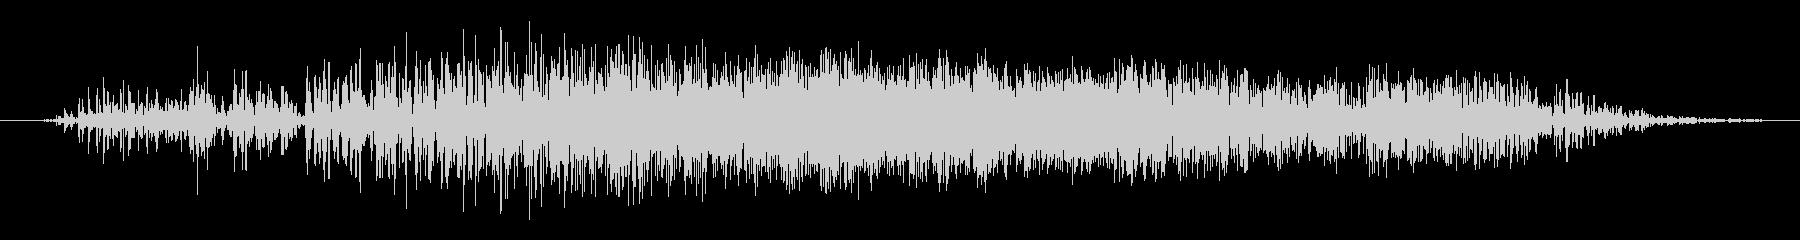 短繊維断裂;ヴィンテージ録音;布地...の未再生の波形